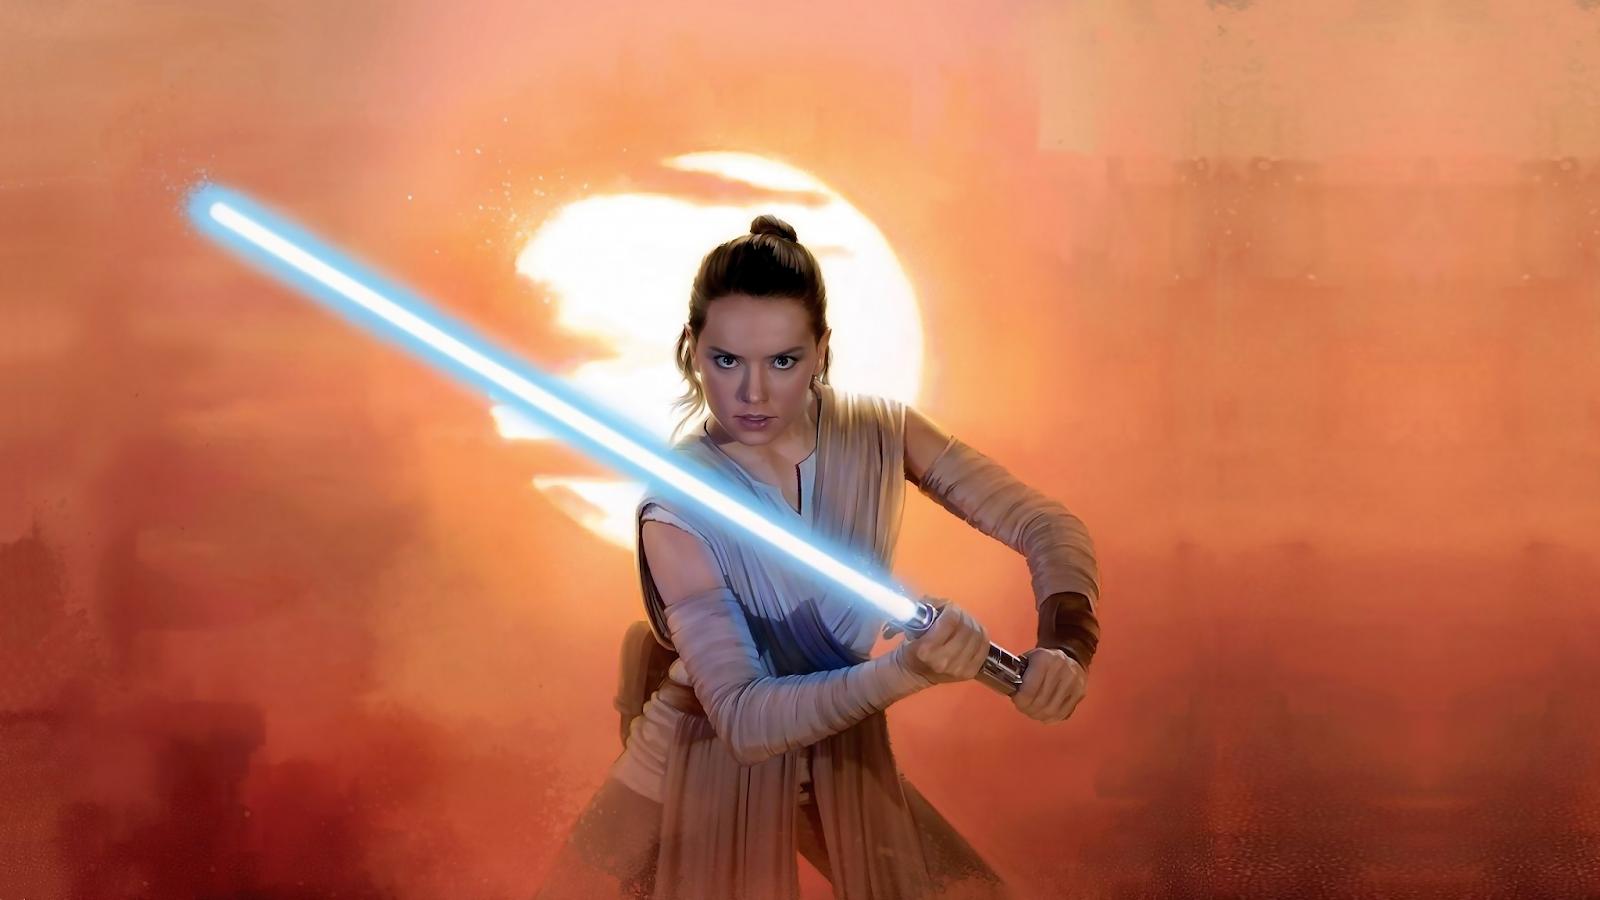 Star Wars wallpaper 4k Ray